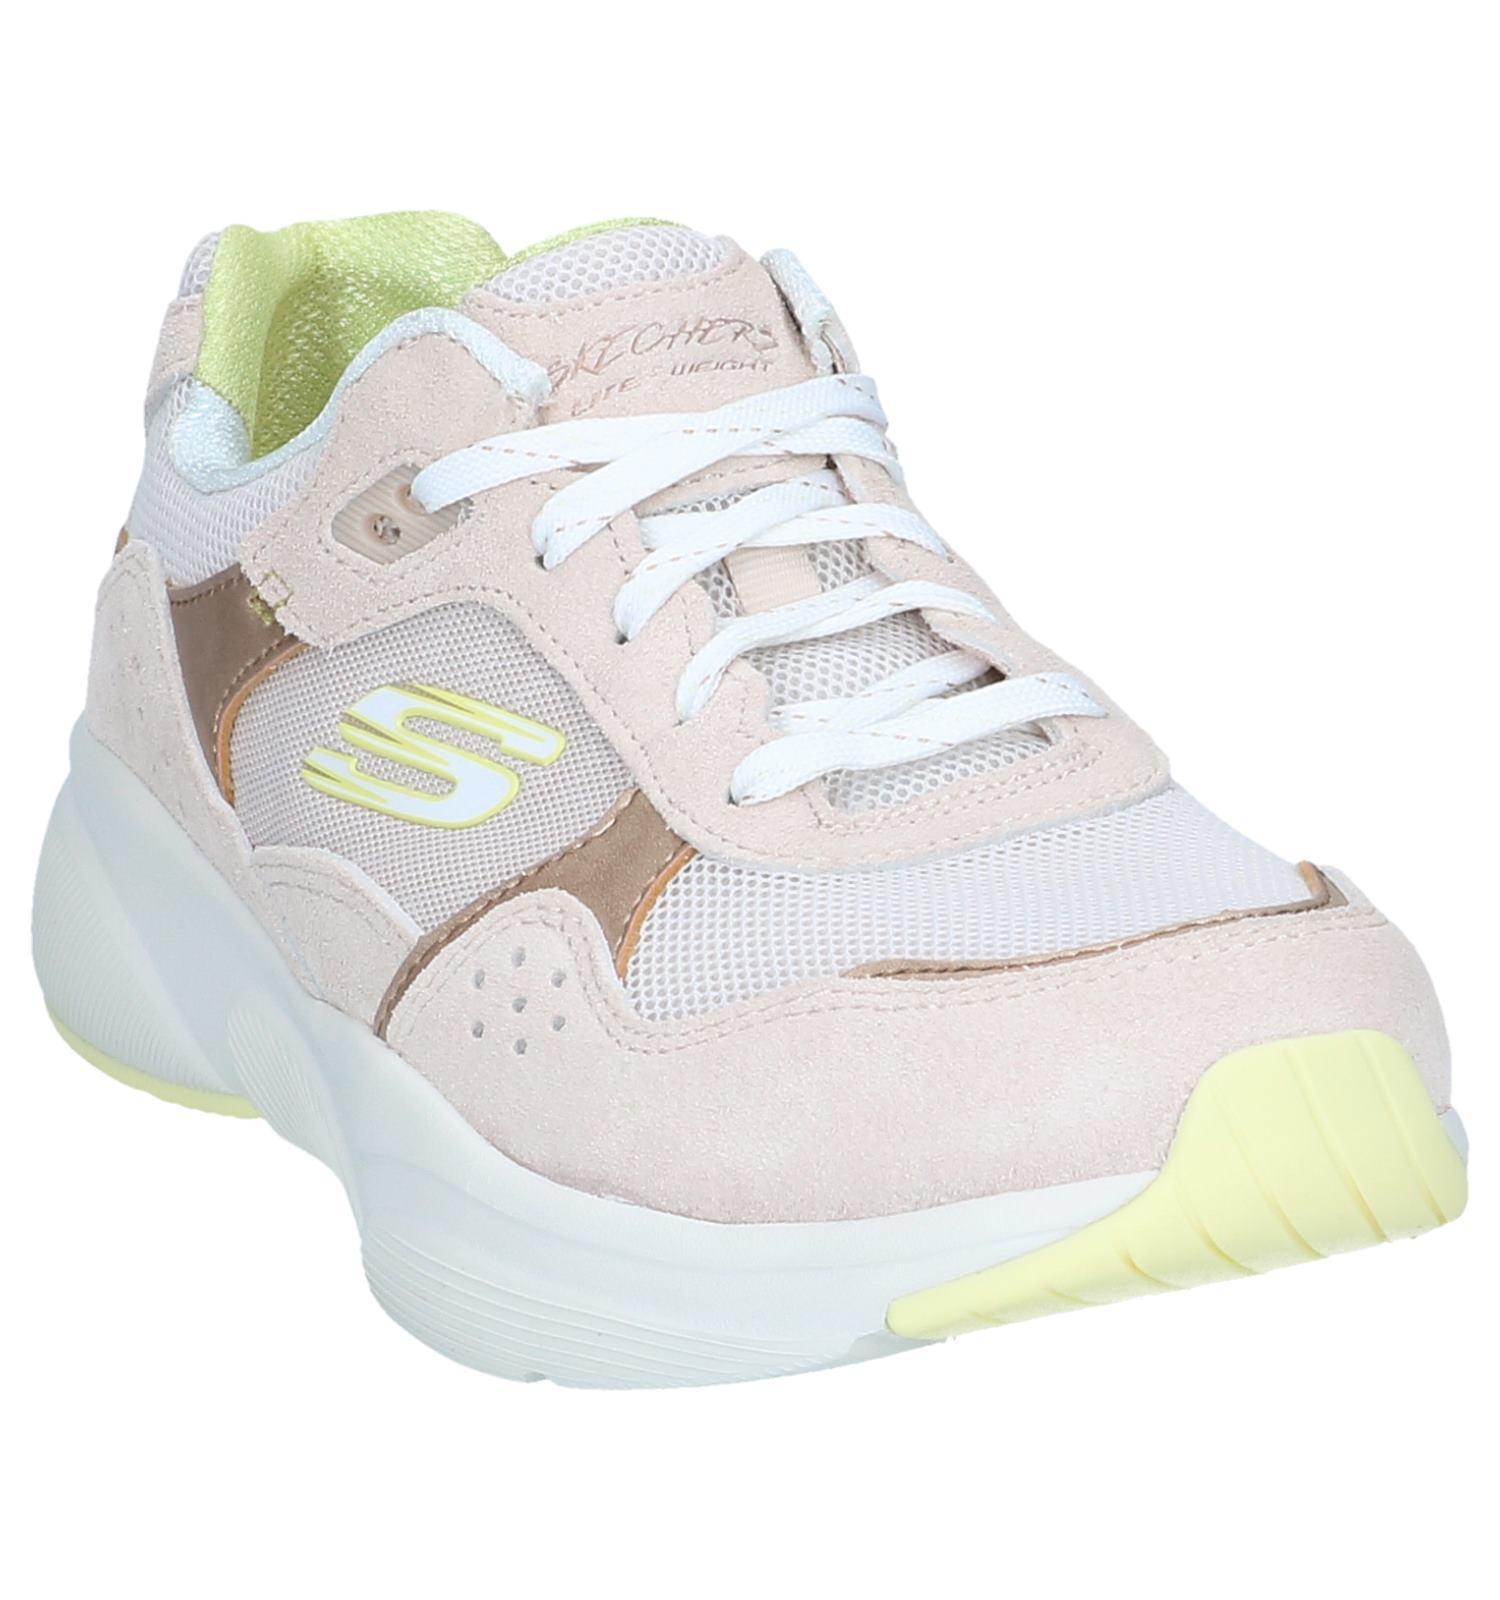 Sneakers No Worries Pastelroze Skechers Meridian 6IbyvmYf7g